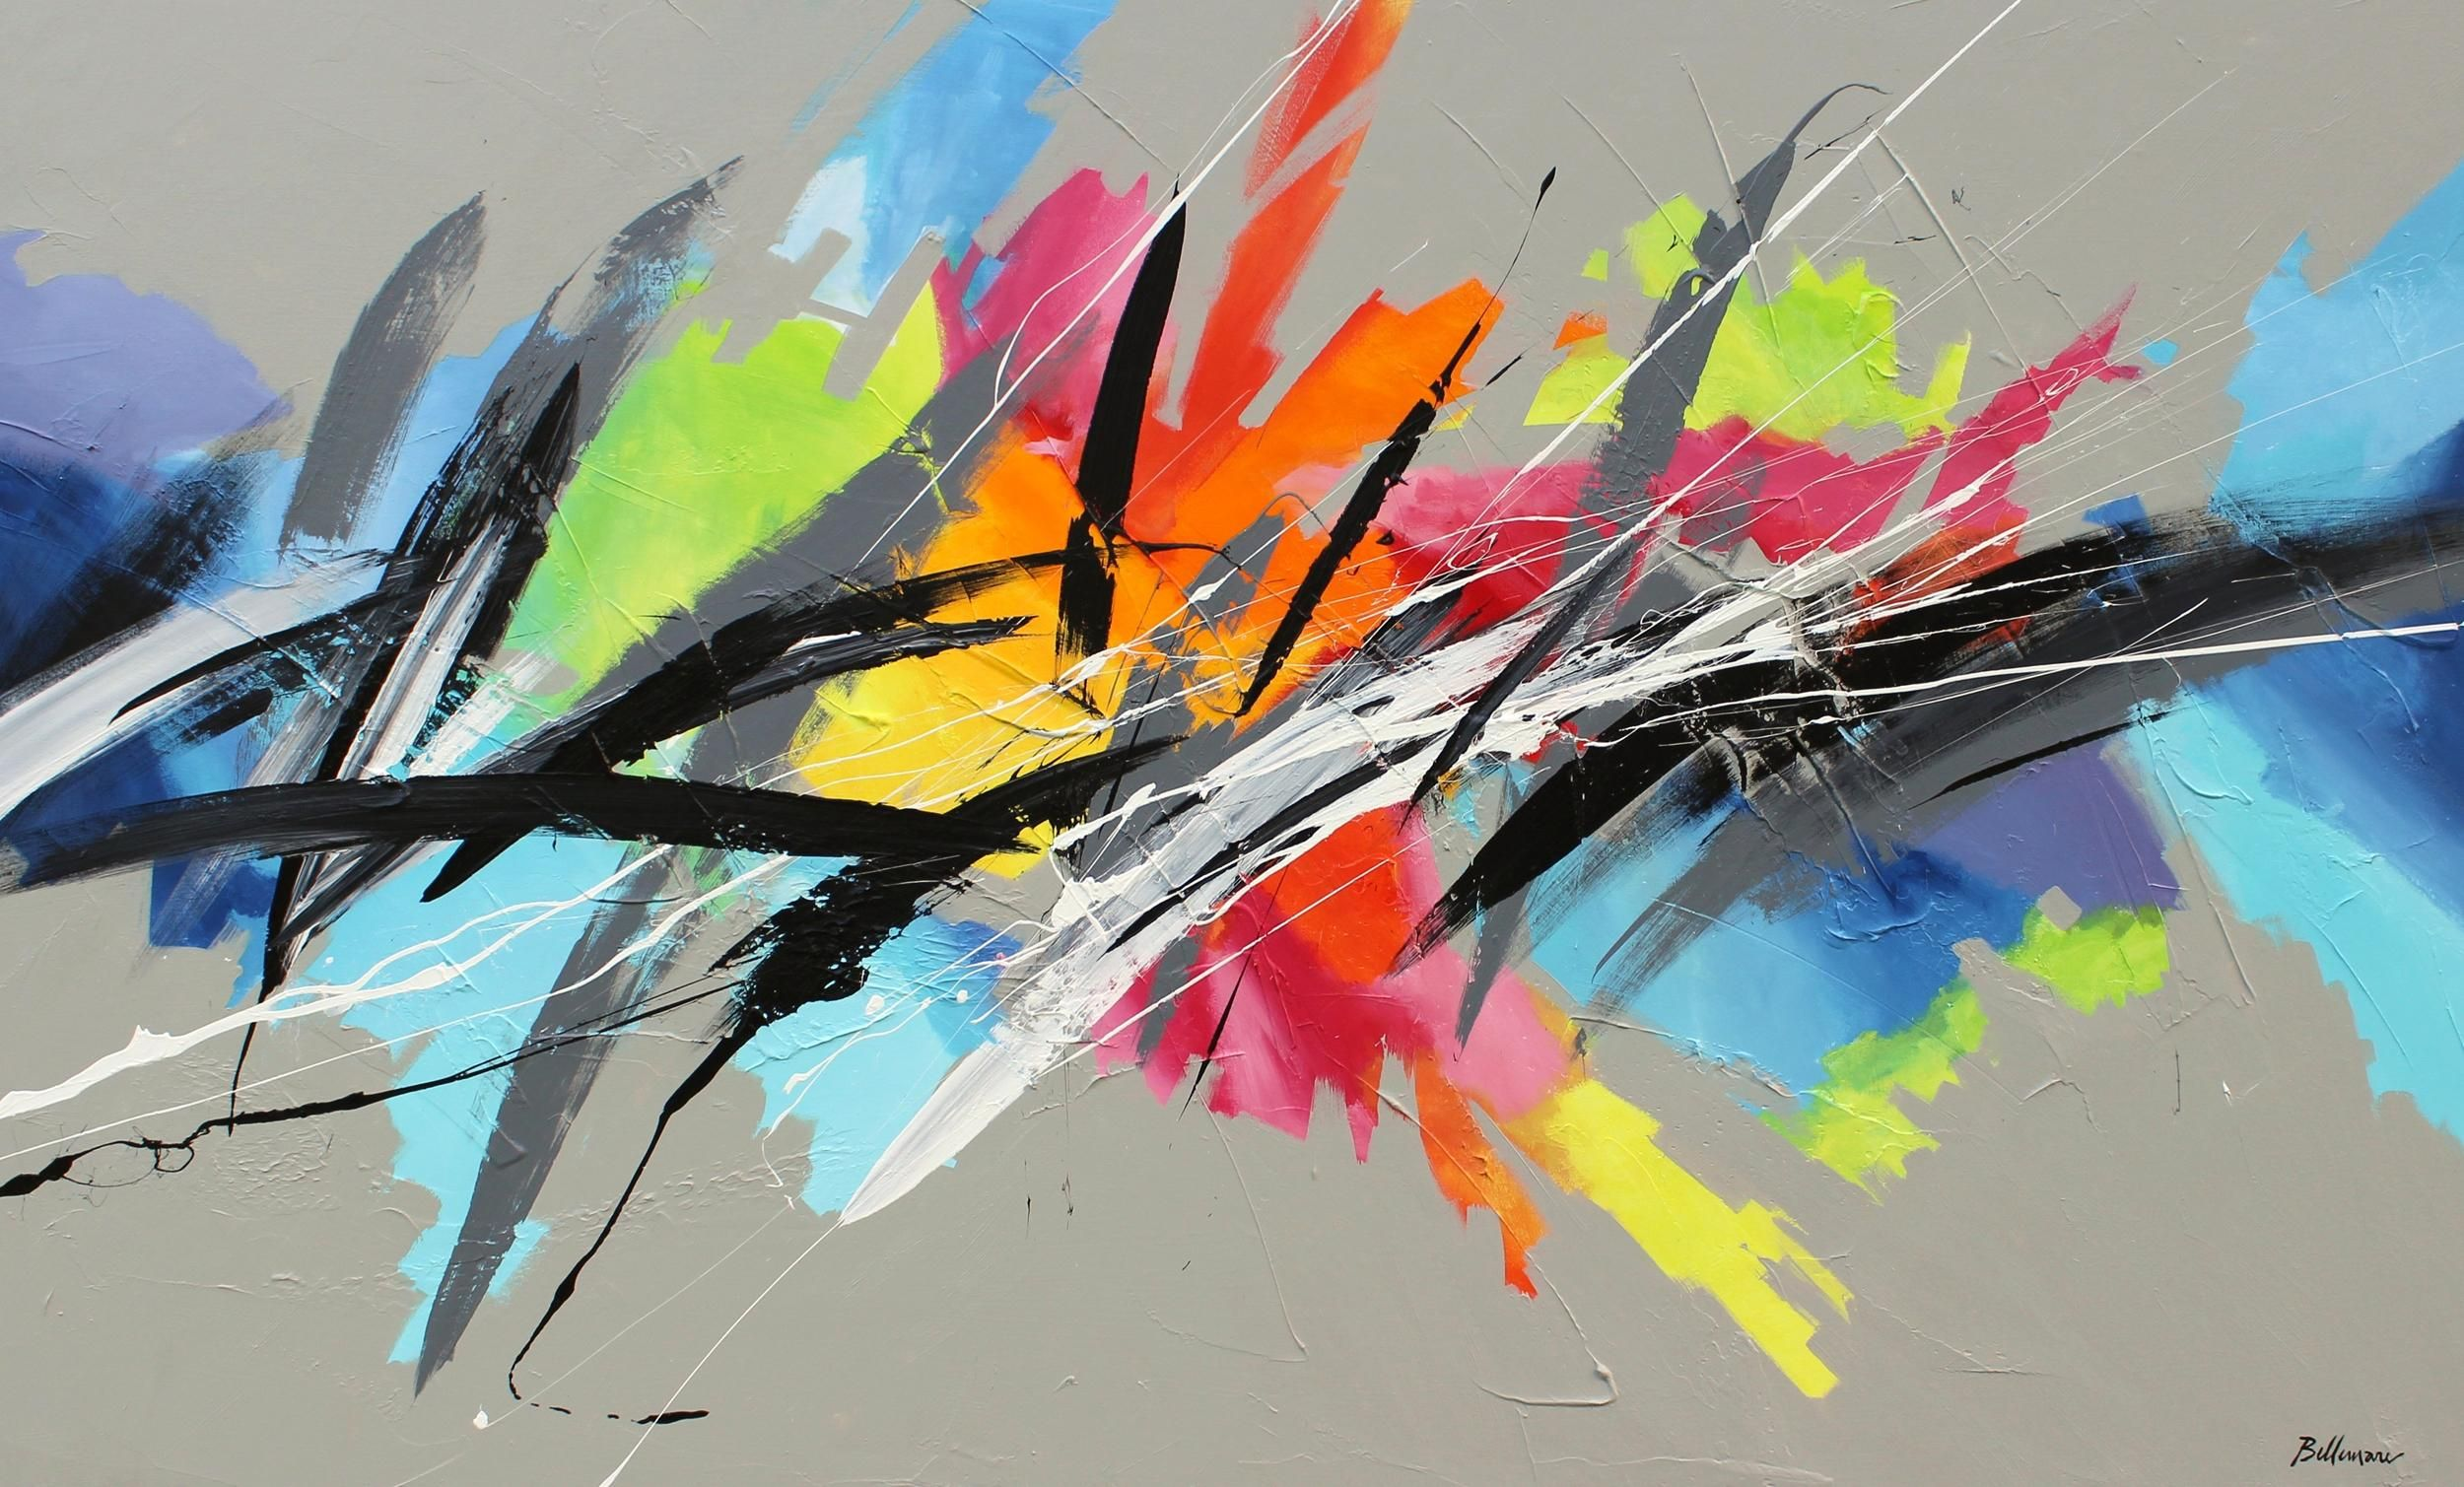 40 Imágenes Abstractas Para Descargar E Imprimir: Artist Pierre Bellemare - Buscar Con Google